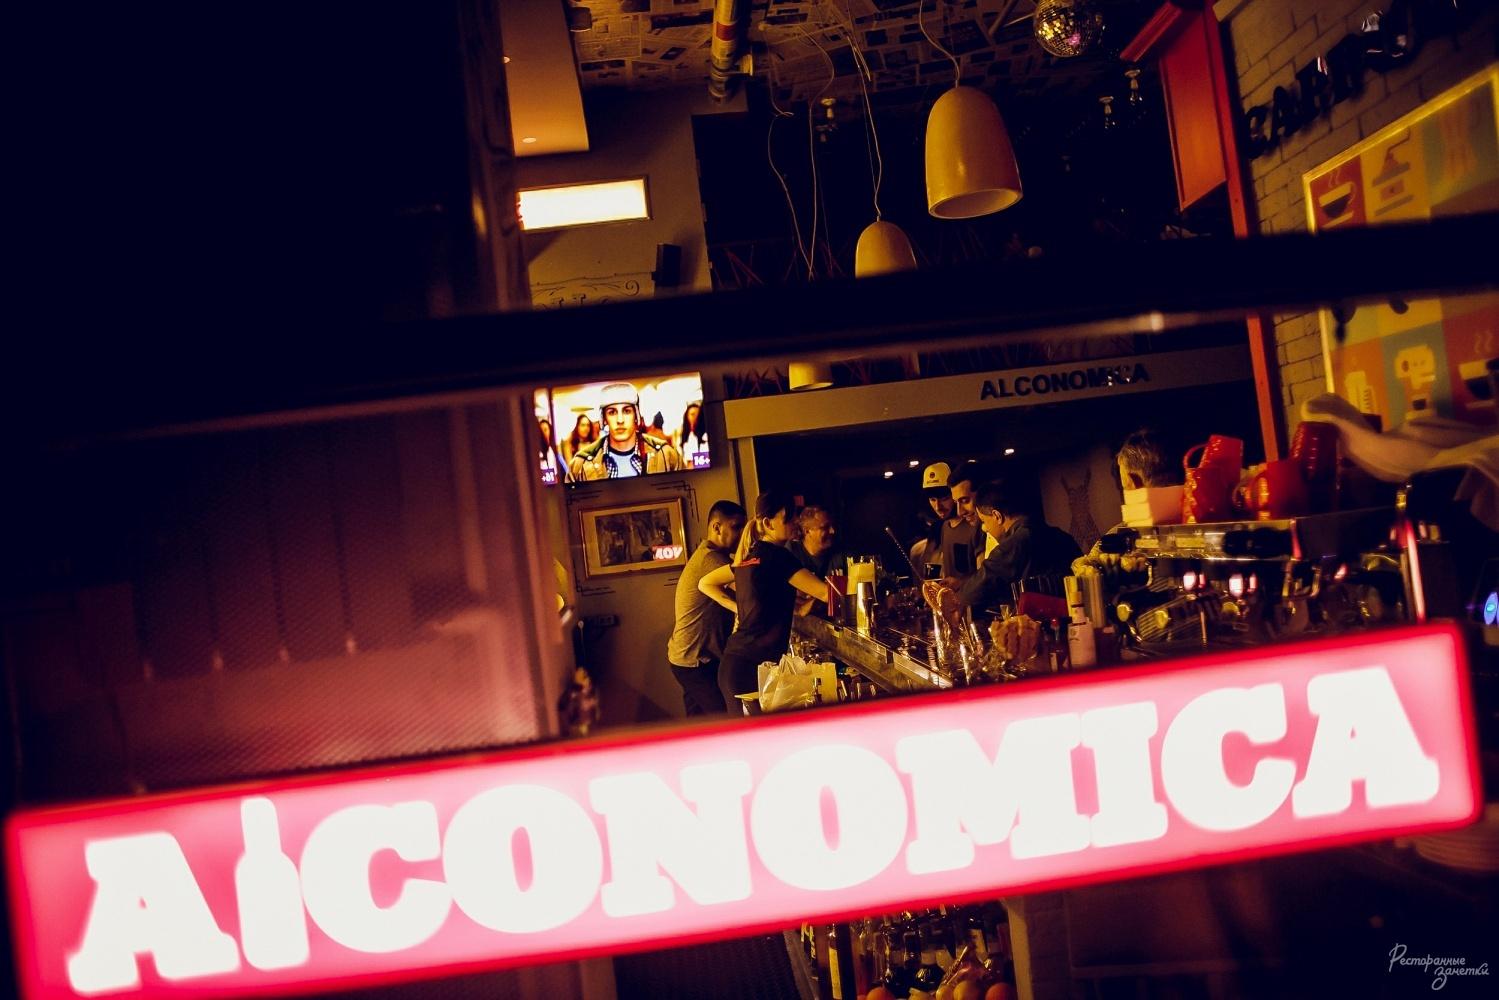 Бар Alconomica bar, Харьков